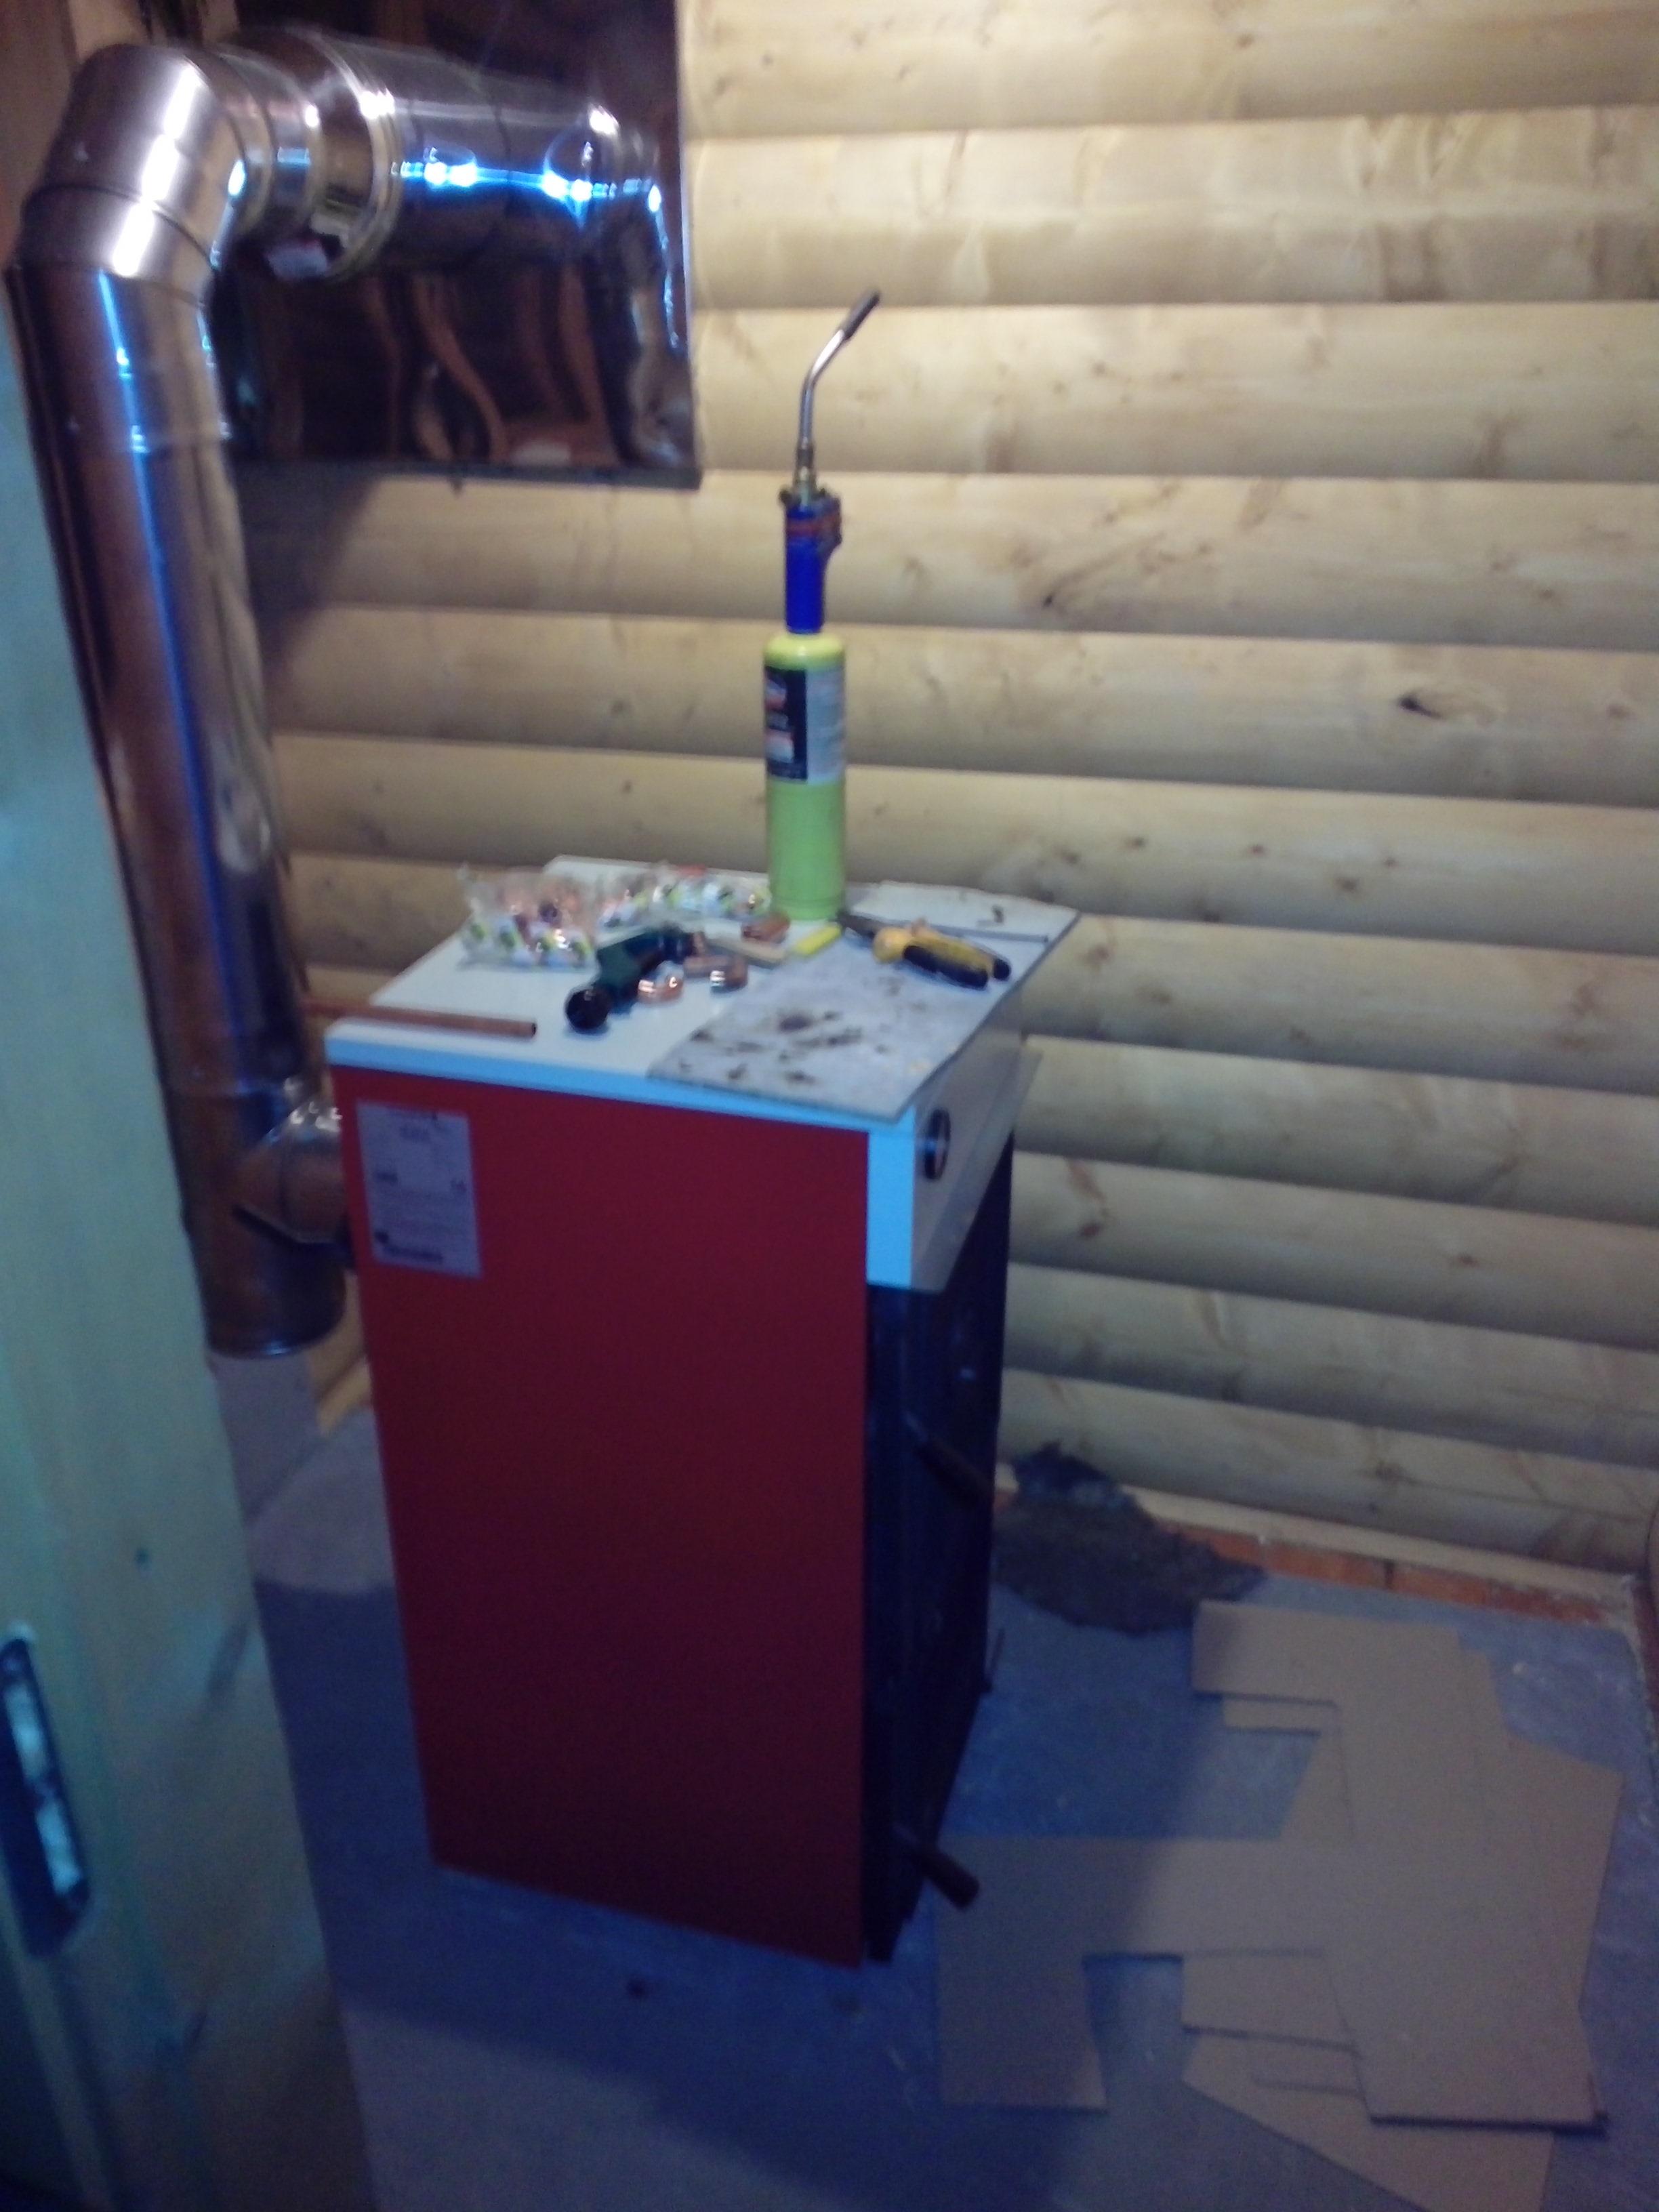 Отопление частного дома предполагает широкий выбор энергоносителей для обеспечения тепла и горячего водоснабжения и в зависимости от того, какой энергоноситель доступен, выбирается и тип системы. Также выбор системы отопления частного дома зависит от следующих факторов: